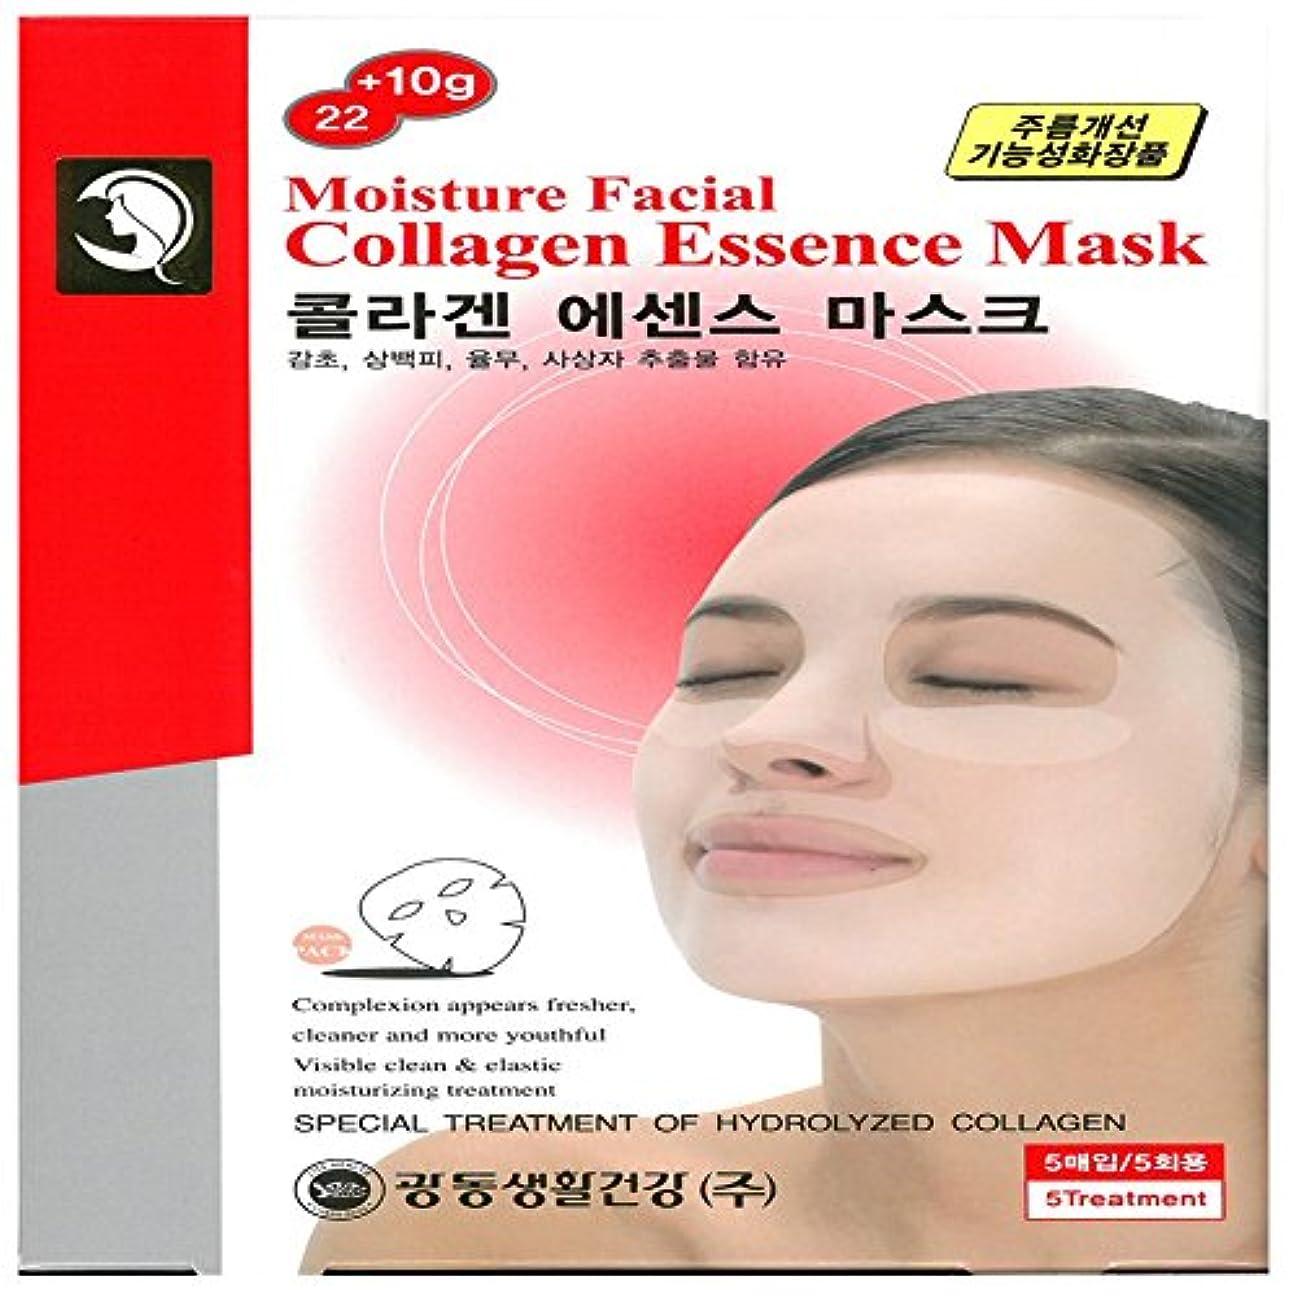 理論的クロール時刻表[光東] kwangdong モイスチャーフェイシャルコラーゲンエッセンスマスク Moisture Facial Collagen Essence Mask 32gX5ea (海外直送品) [並行輸入品]